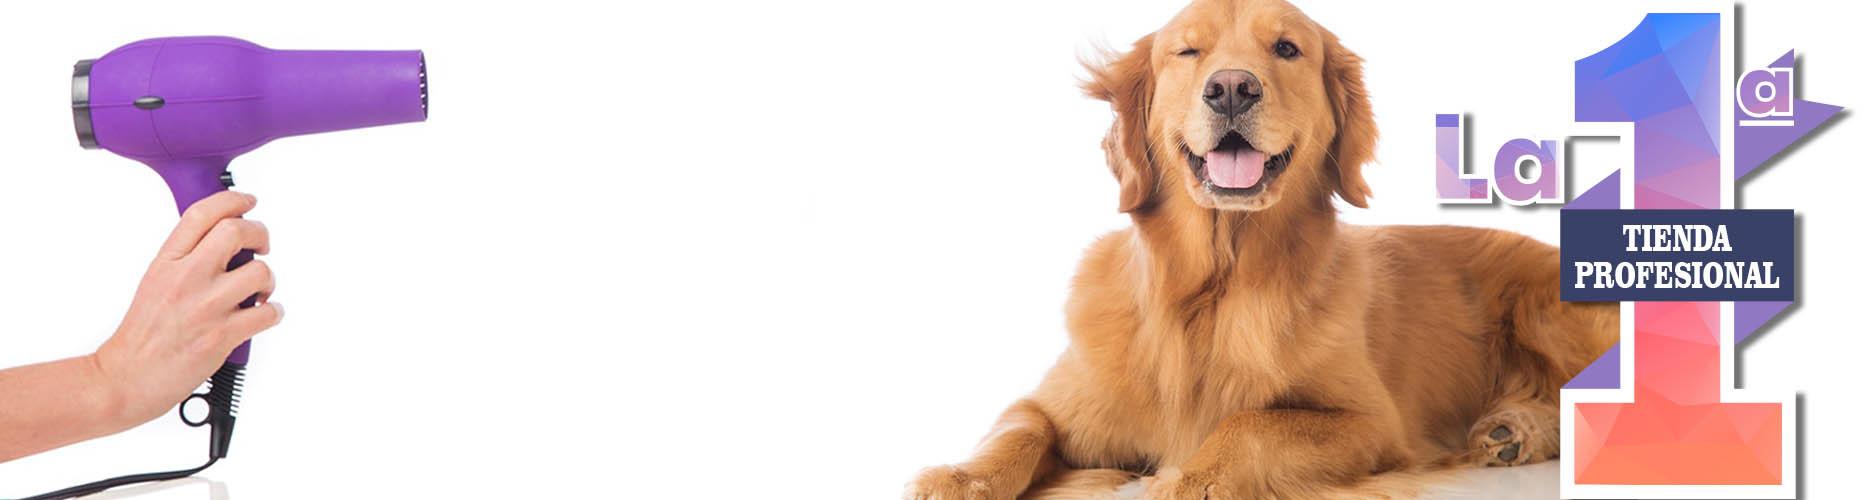 Tienda profesional perros Setterbakio